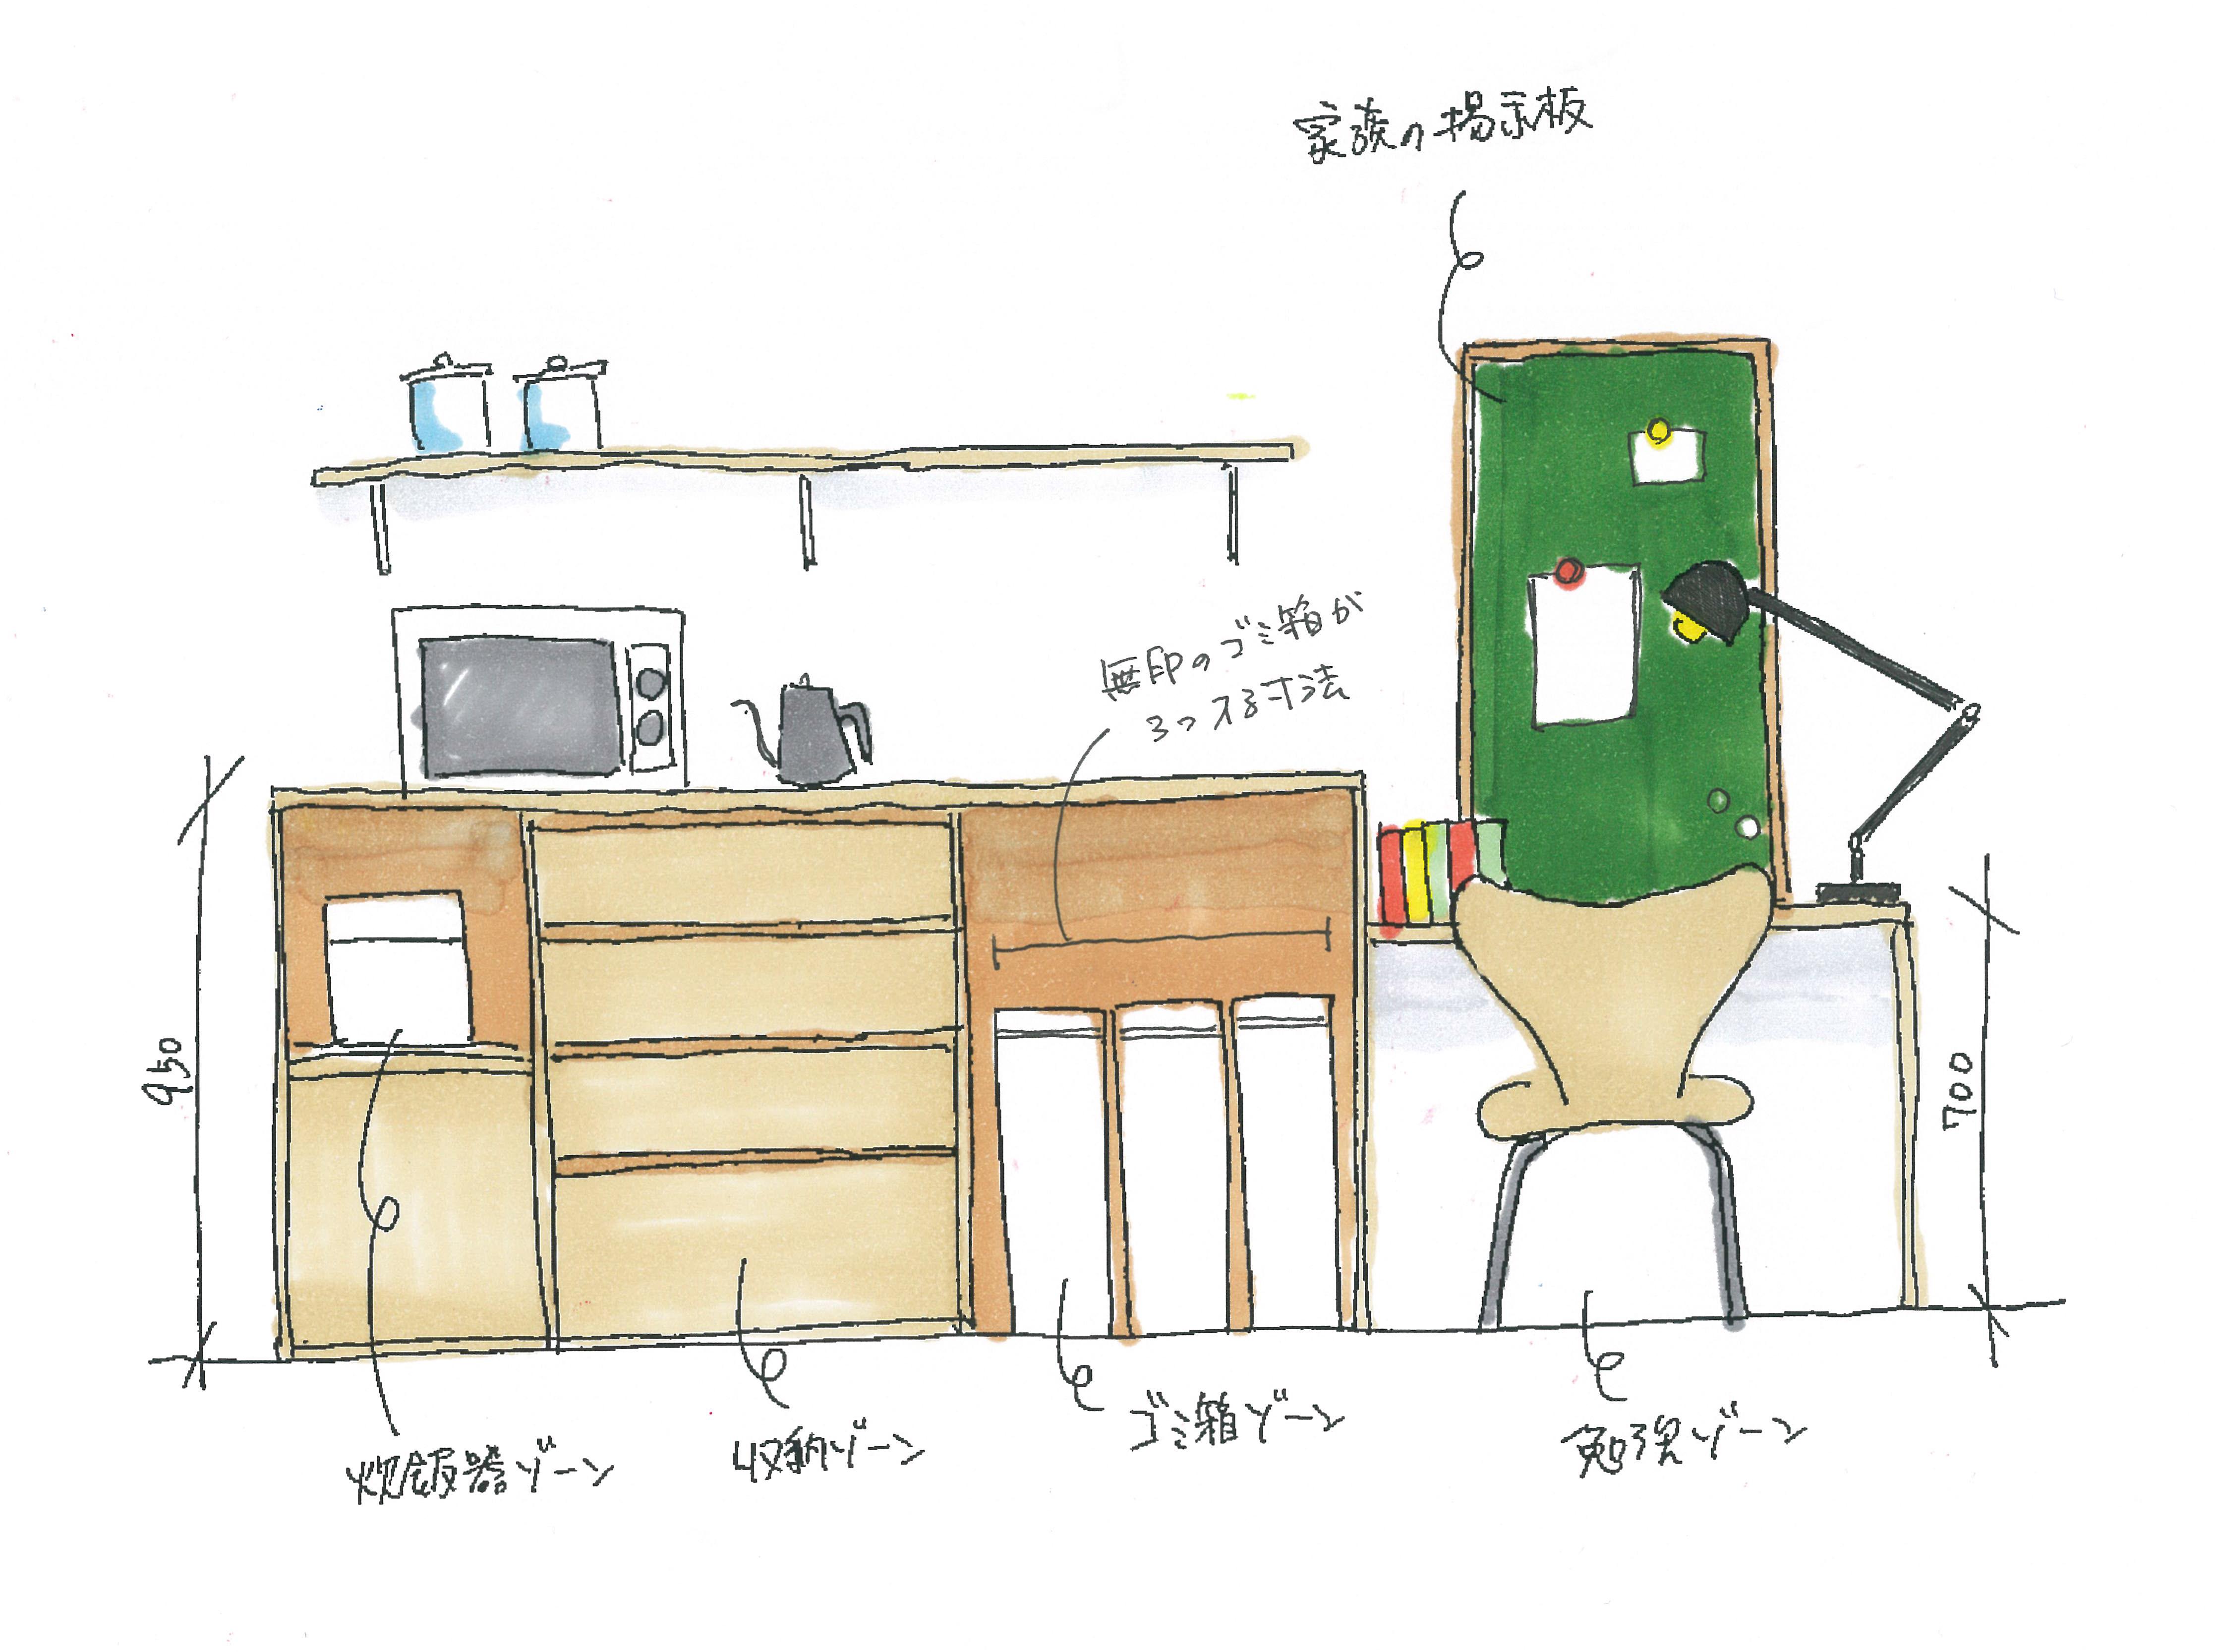 【Collaboration】家づくりストーリー第1話『家事楽キッチンバックボード』